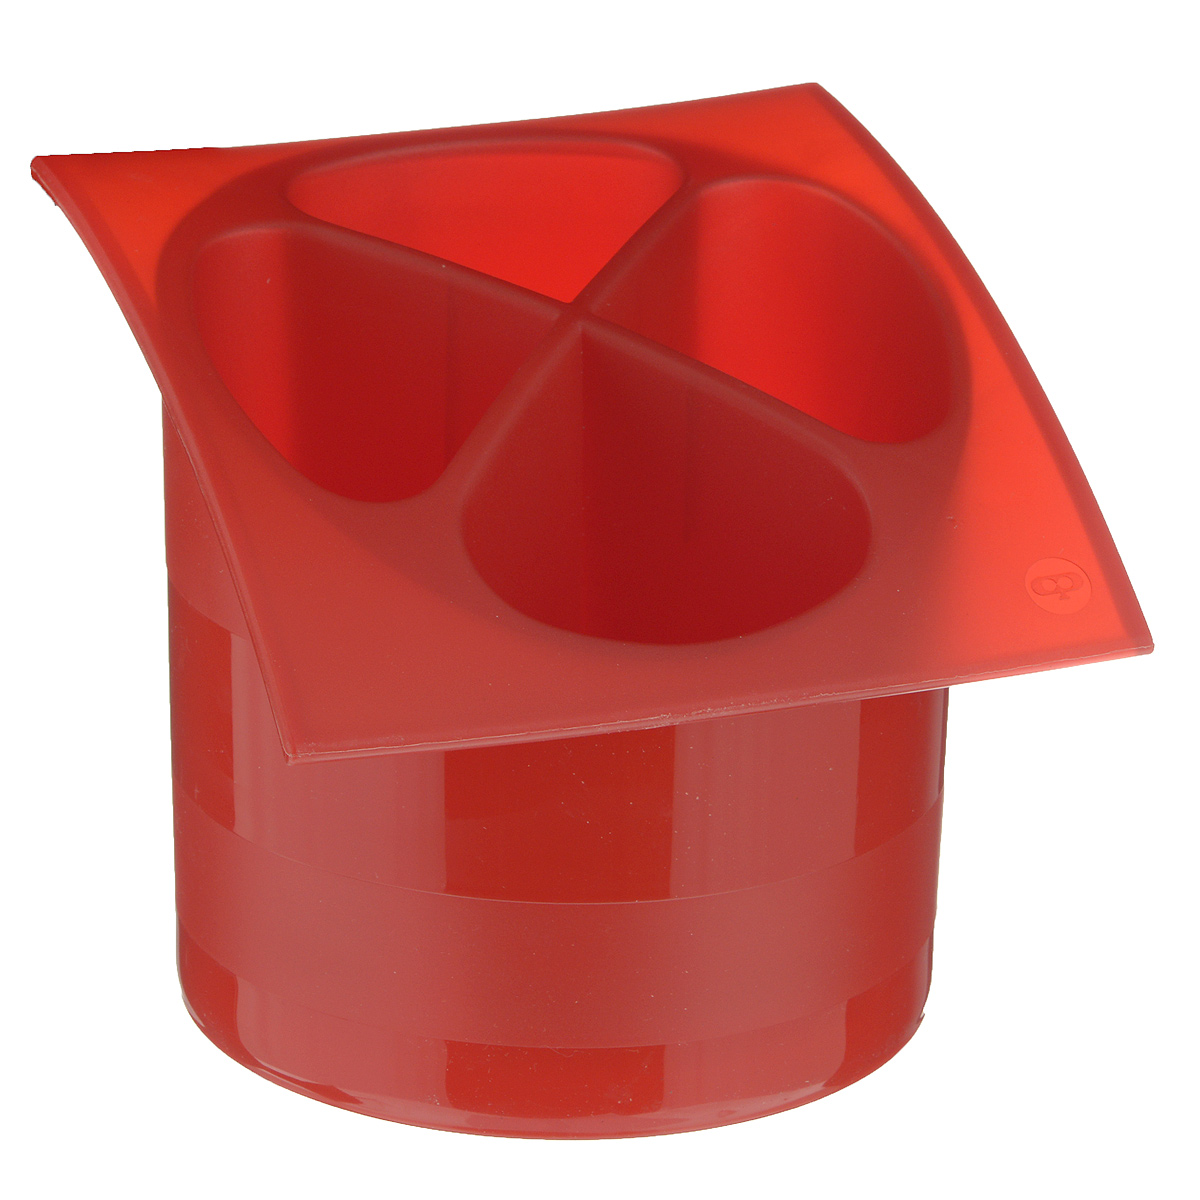 Подставка для столовых приборов Cosmoplast, цвет: красный, диаметр 14 см емкость для чистки столовых приборов